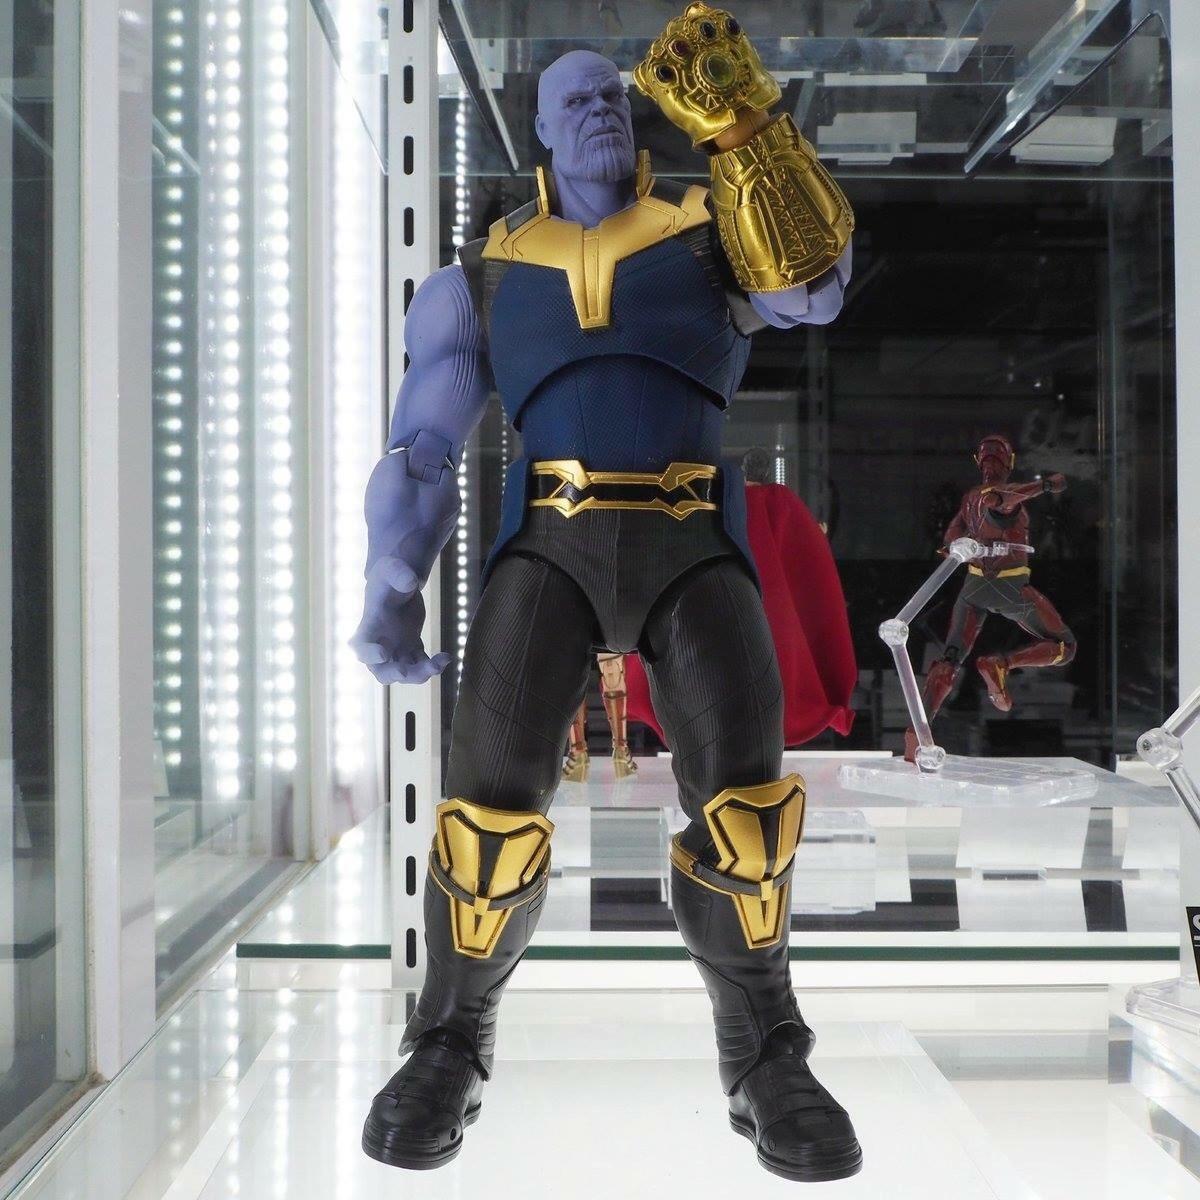 Thanos Infinity War Sh Figuarts Bandai Marvel Preorden S 390 00 En Mercado Libre